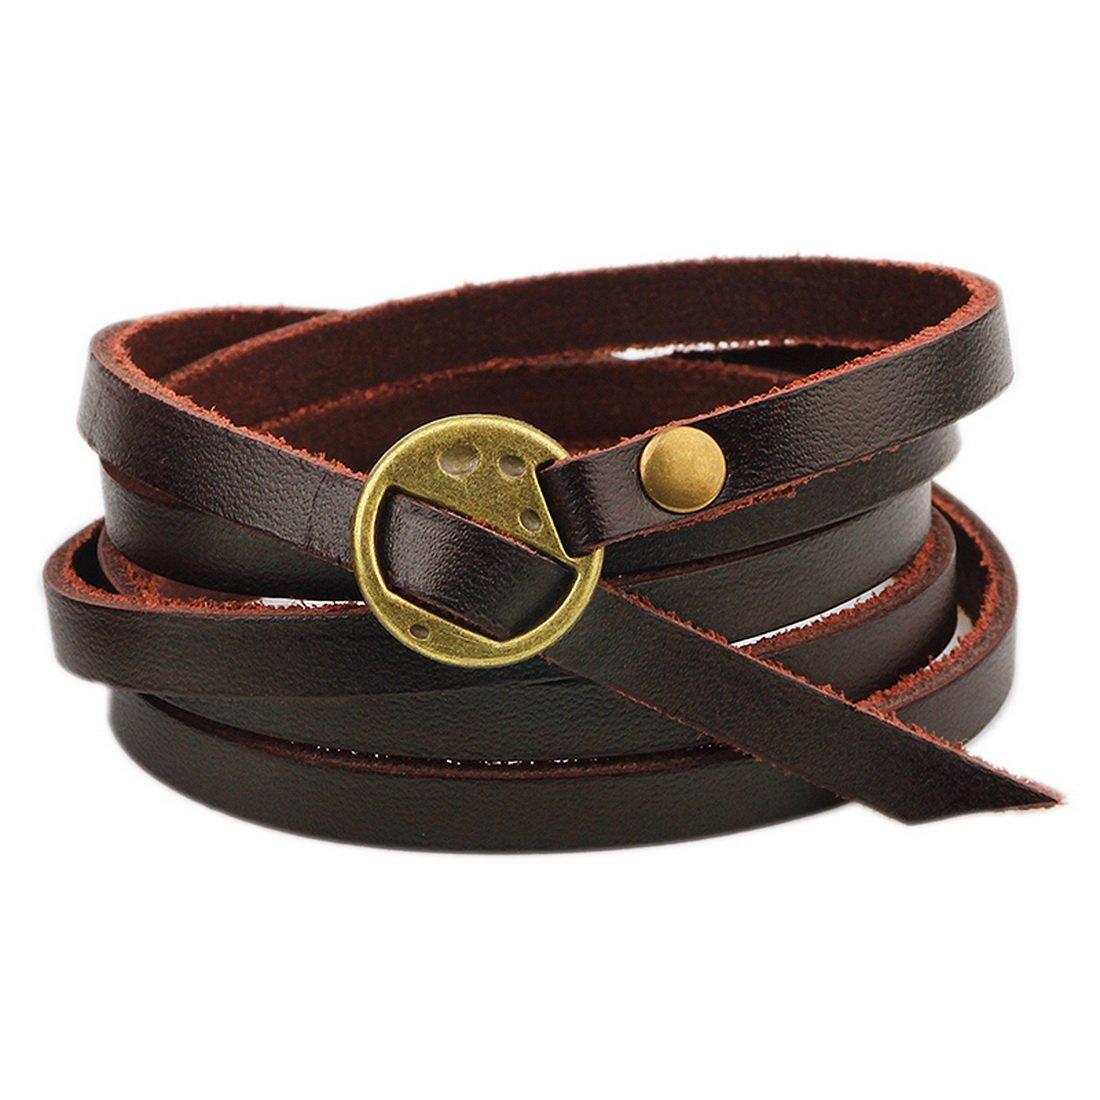 MJartoria Multilayer PU Leather Buckle Rope Wristband Clasp Wrap Bracelet (Bronze)